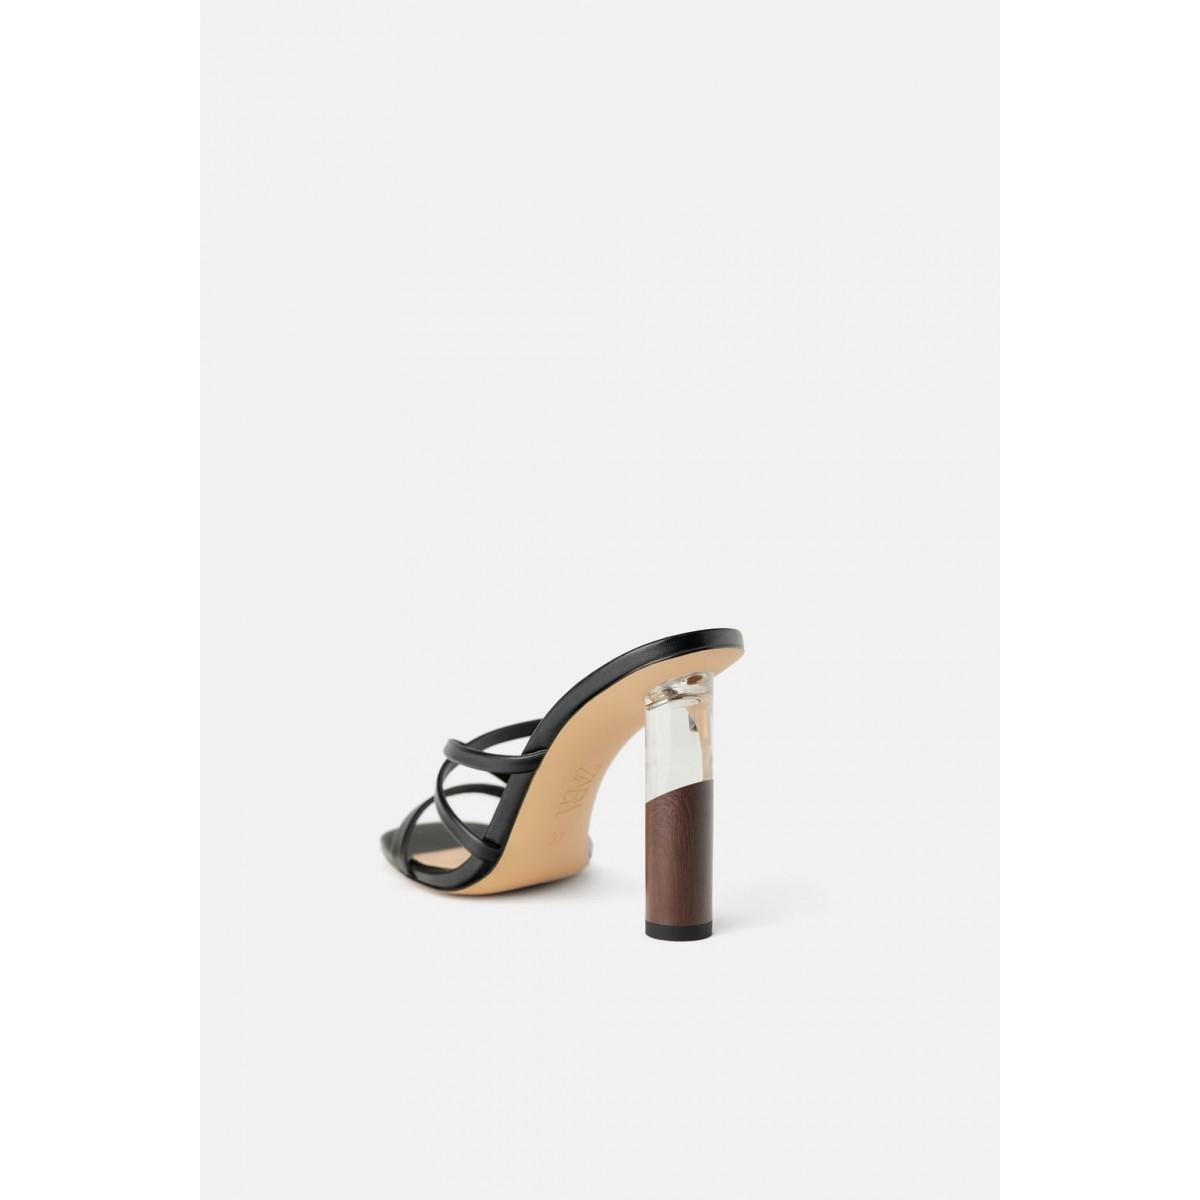 Zara Sandals With Contrast Round Heel